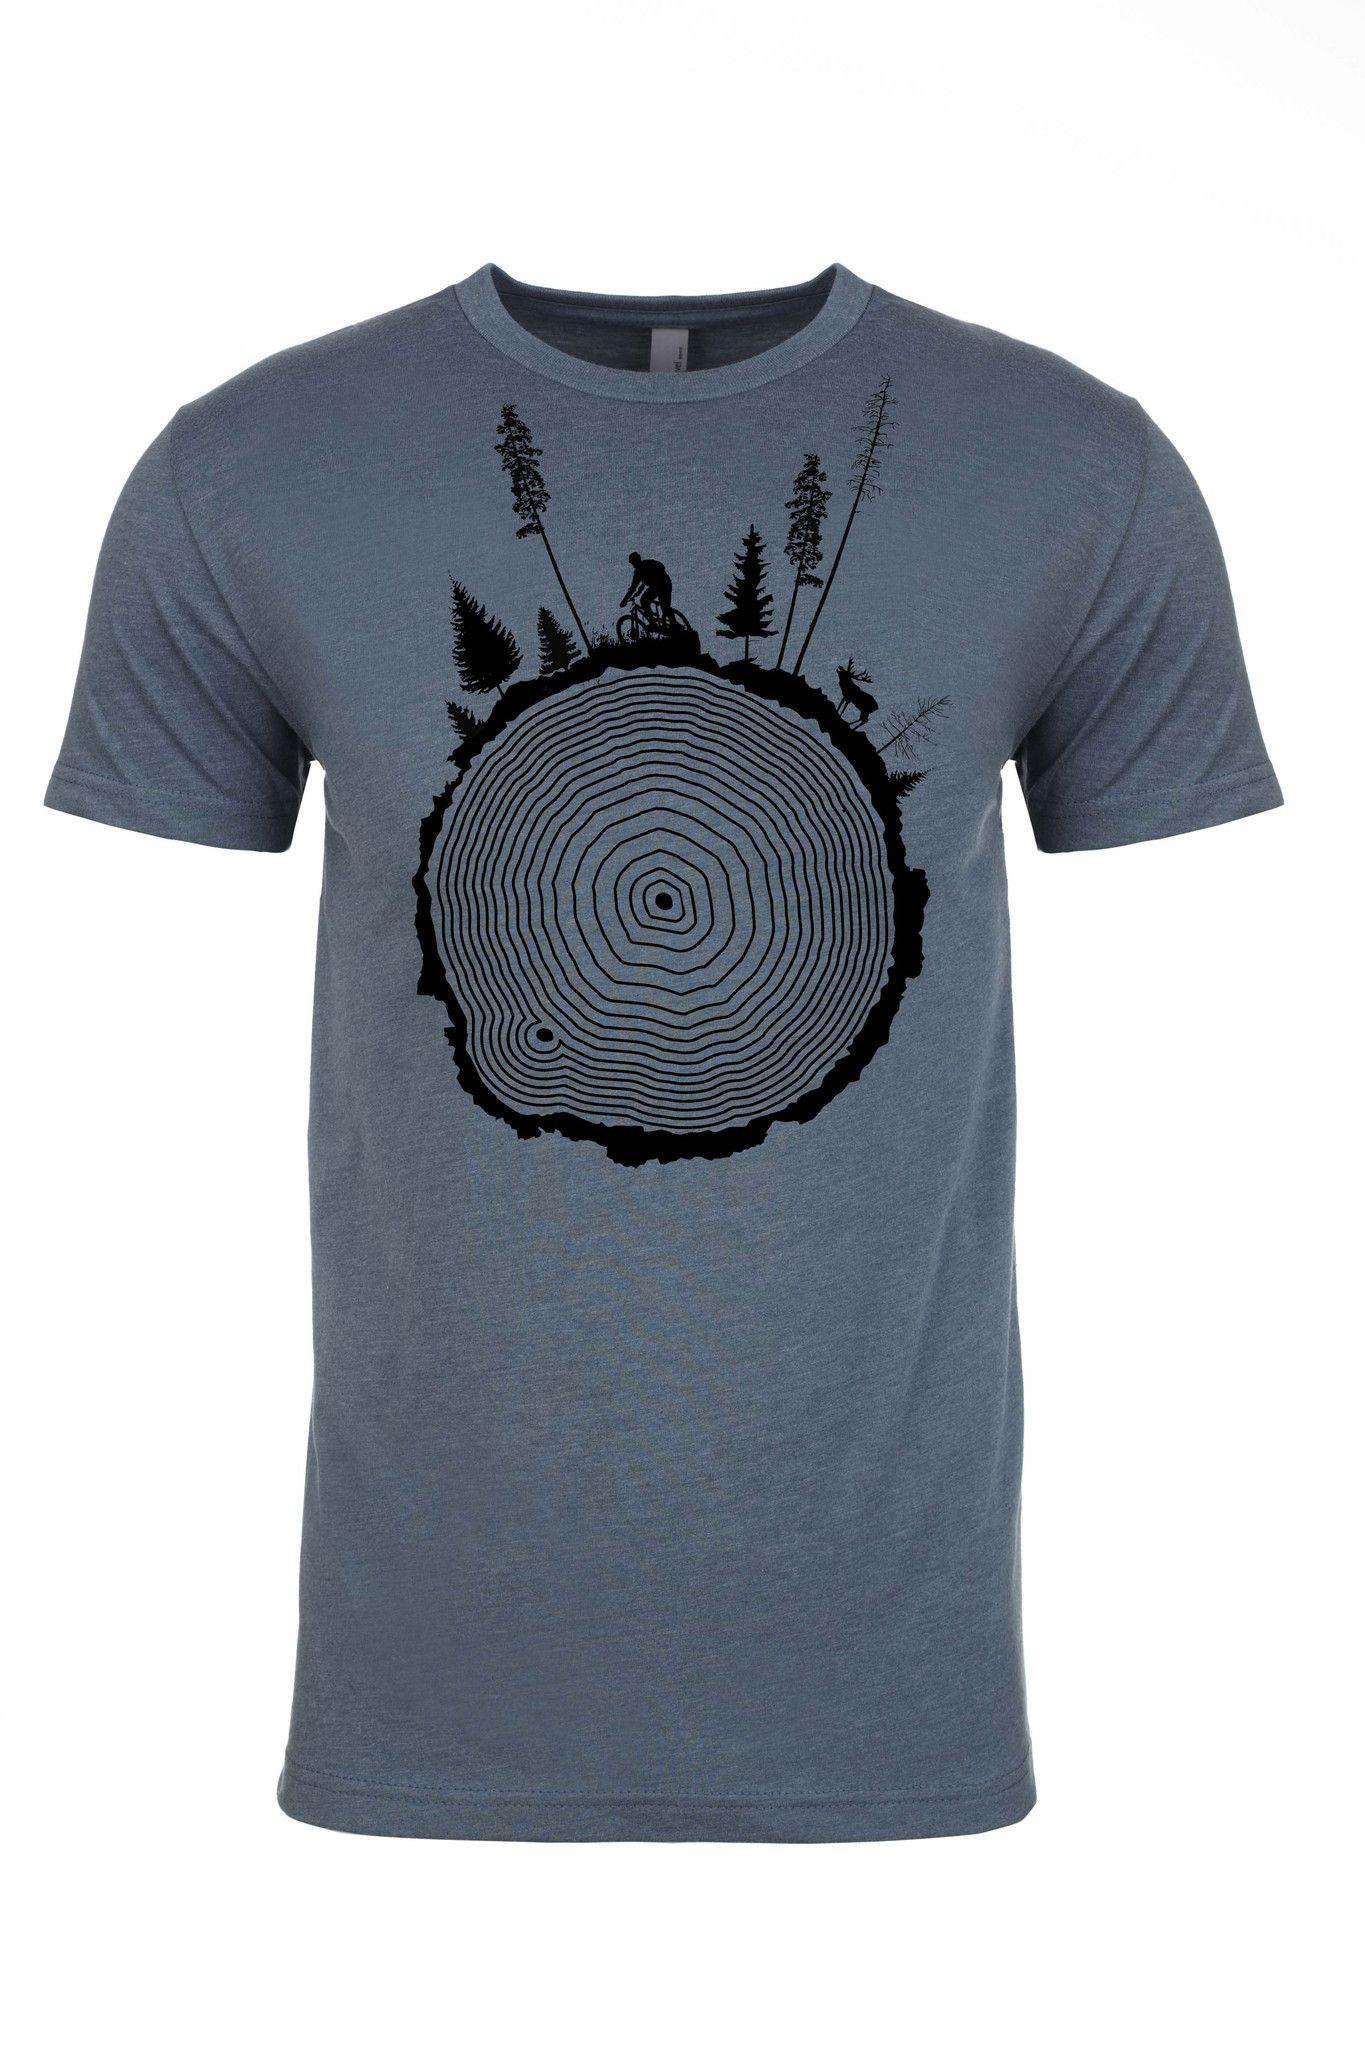 Tree Ring Mountain Bike T-Shirt   ลายเสื้อ   เสื้อผ้า ...